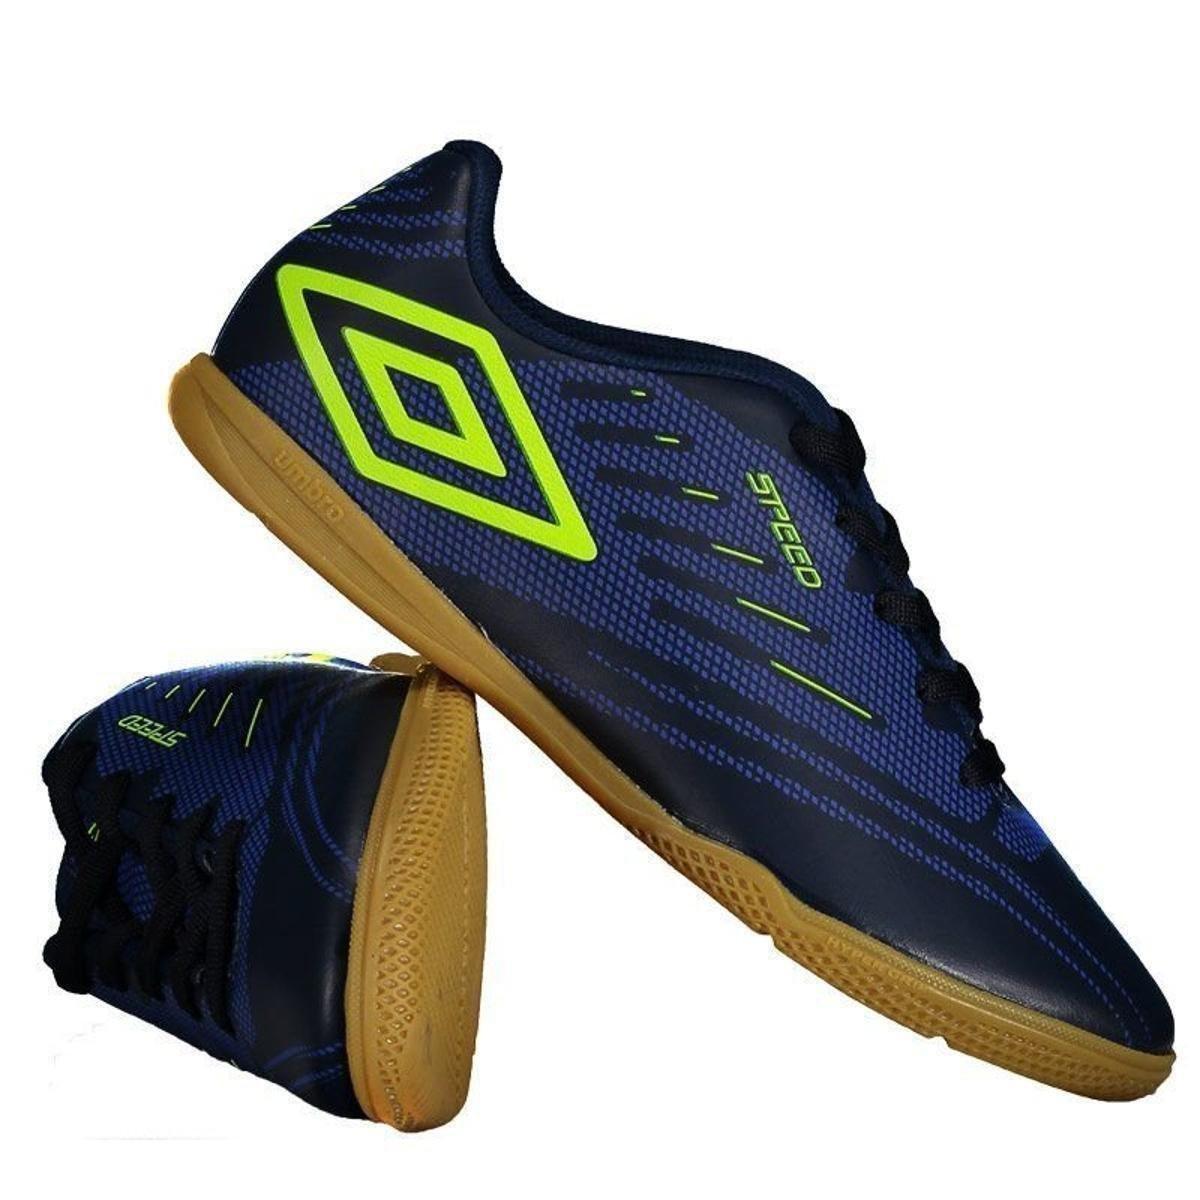 5856e3dff5 Tênis Futsal Umbro Speed Infantil - Compre Agora